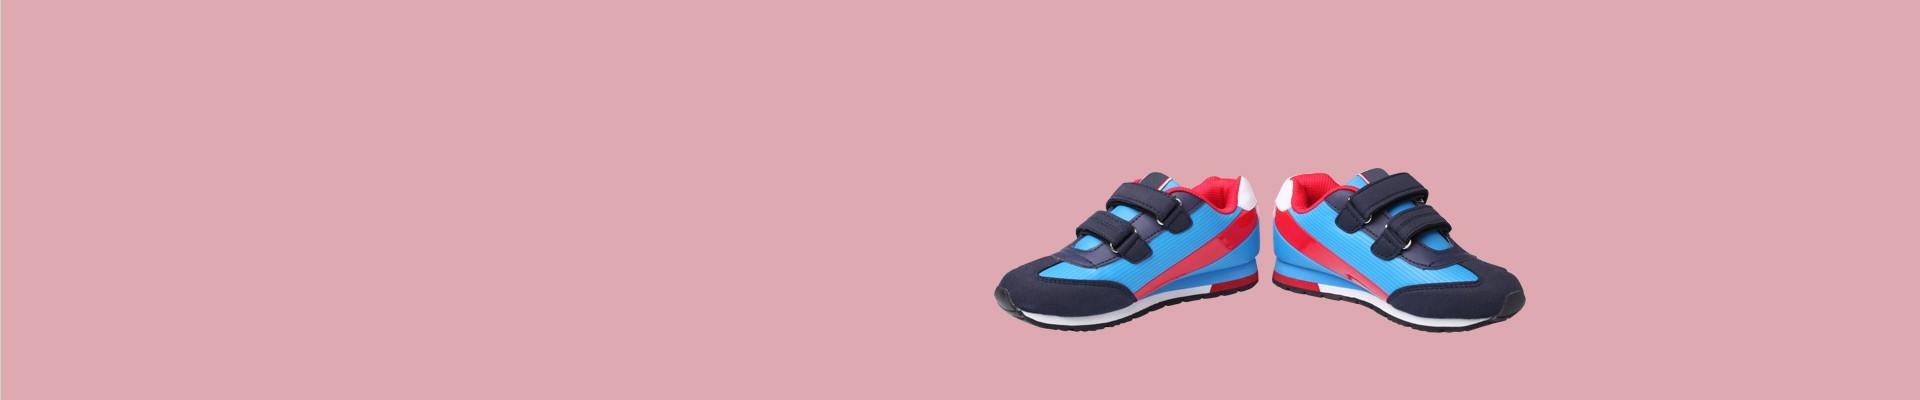 Jual Sepatu Kets Anak Laki Laki 2018 Model Terbaru